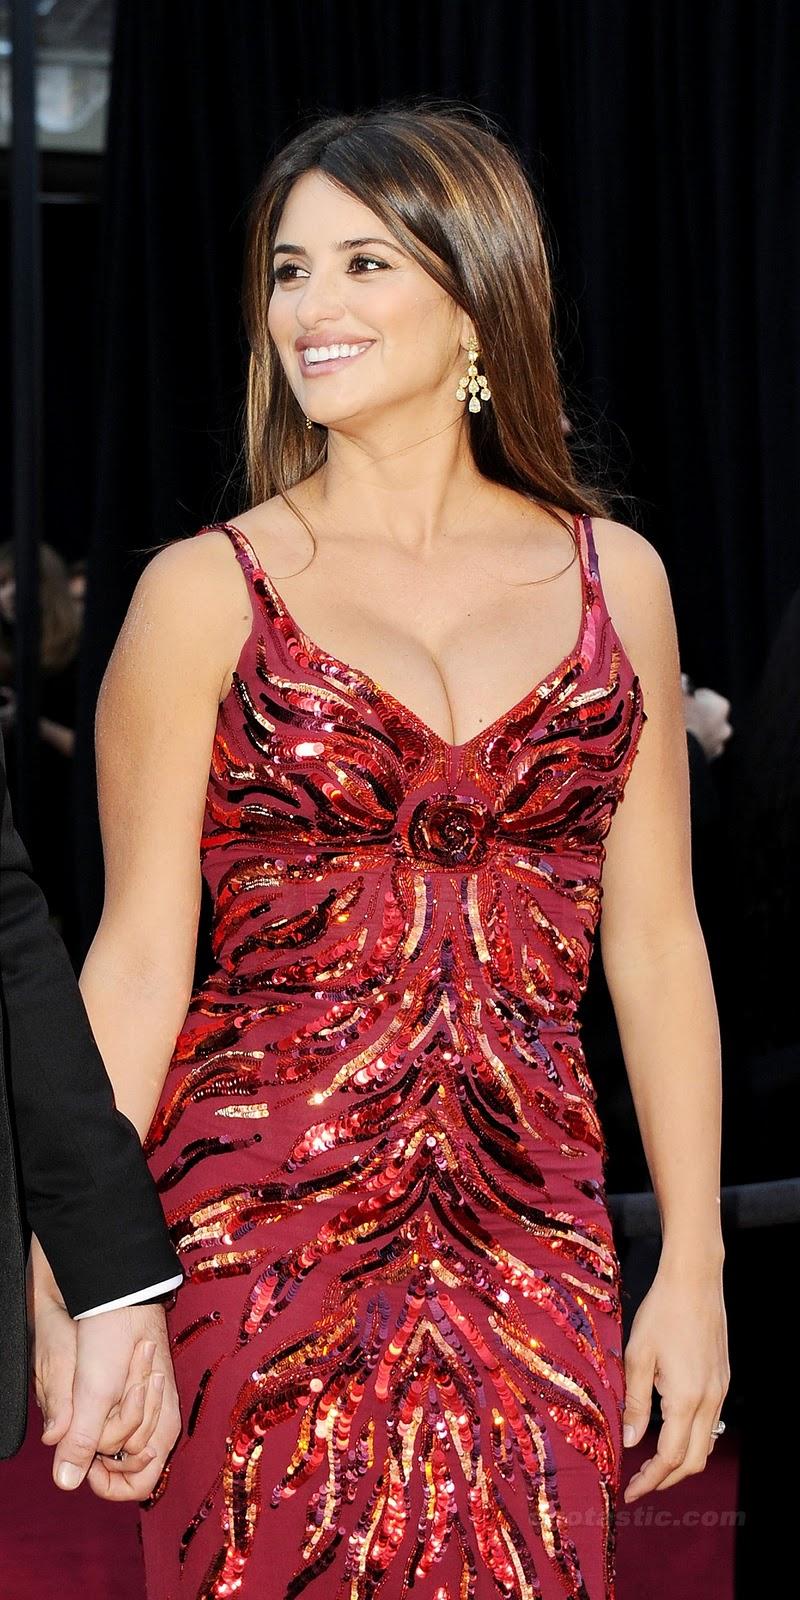 penelope cruz 2011 all actress hollywood